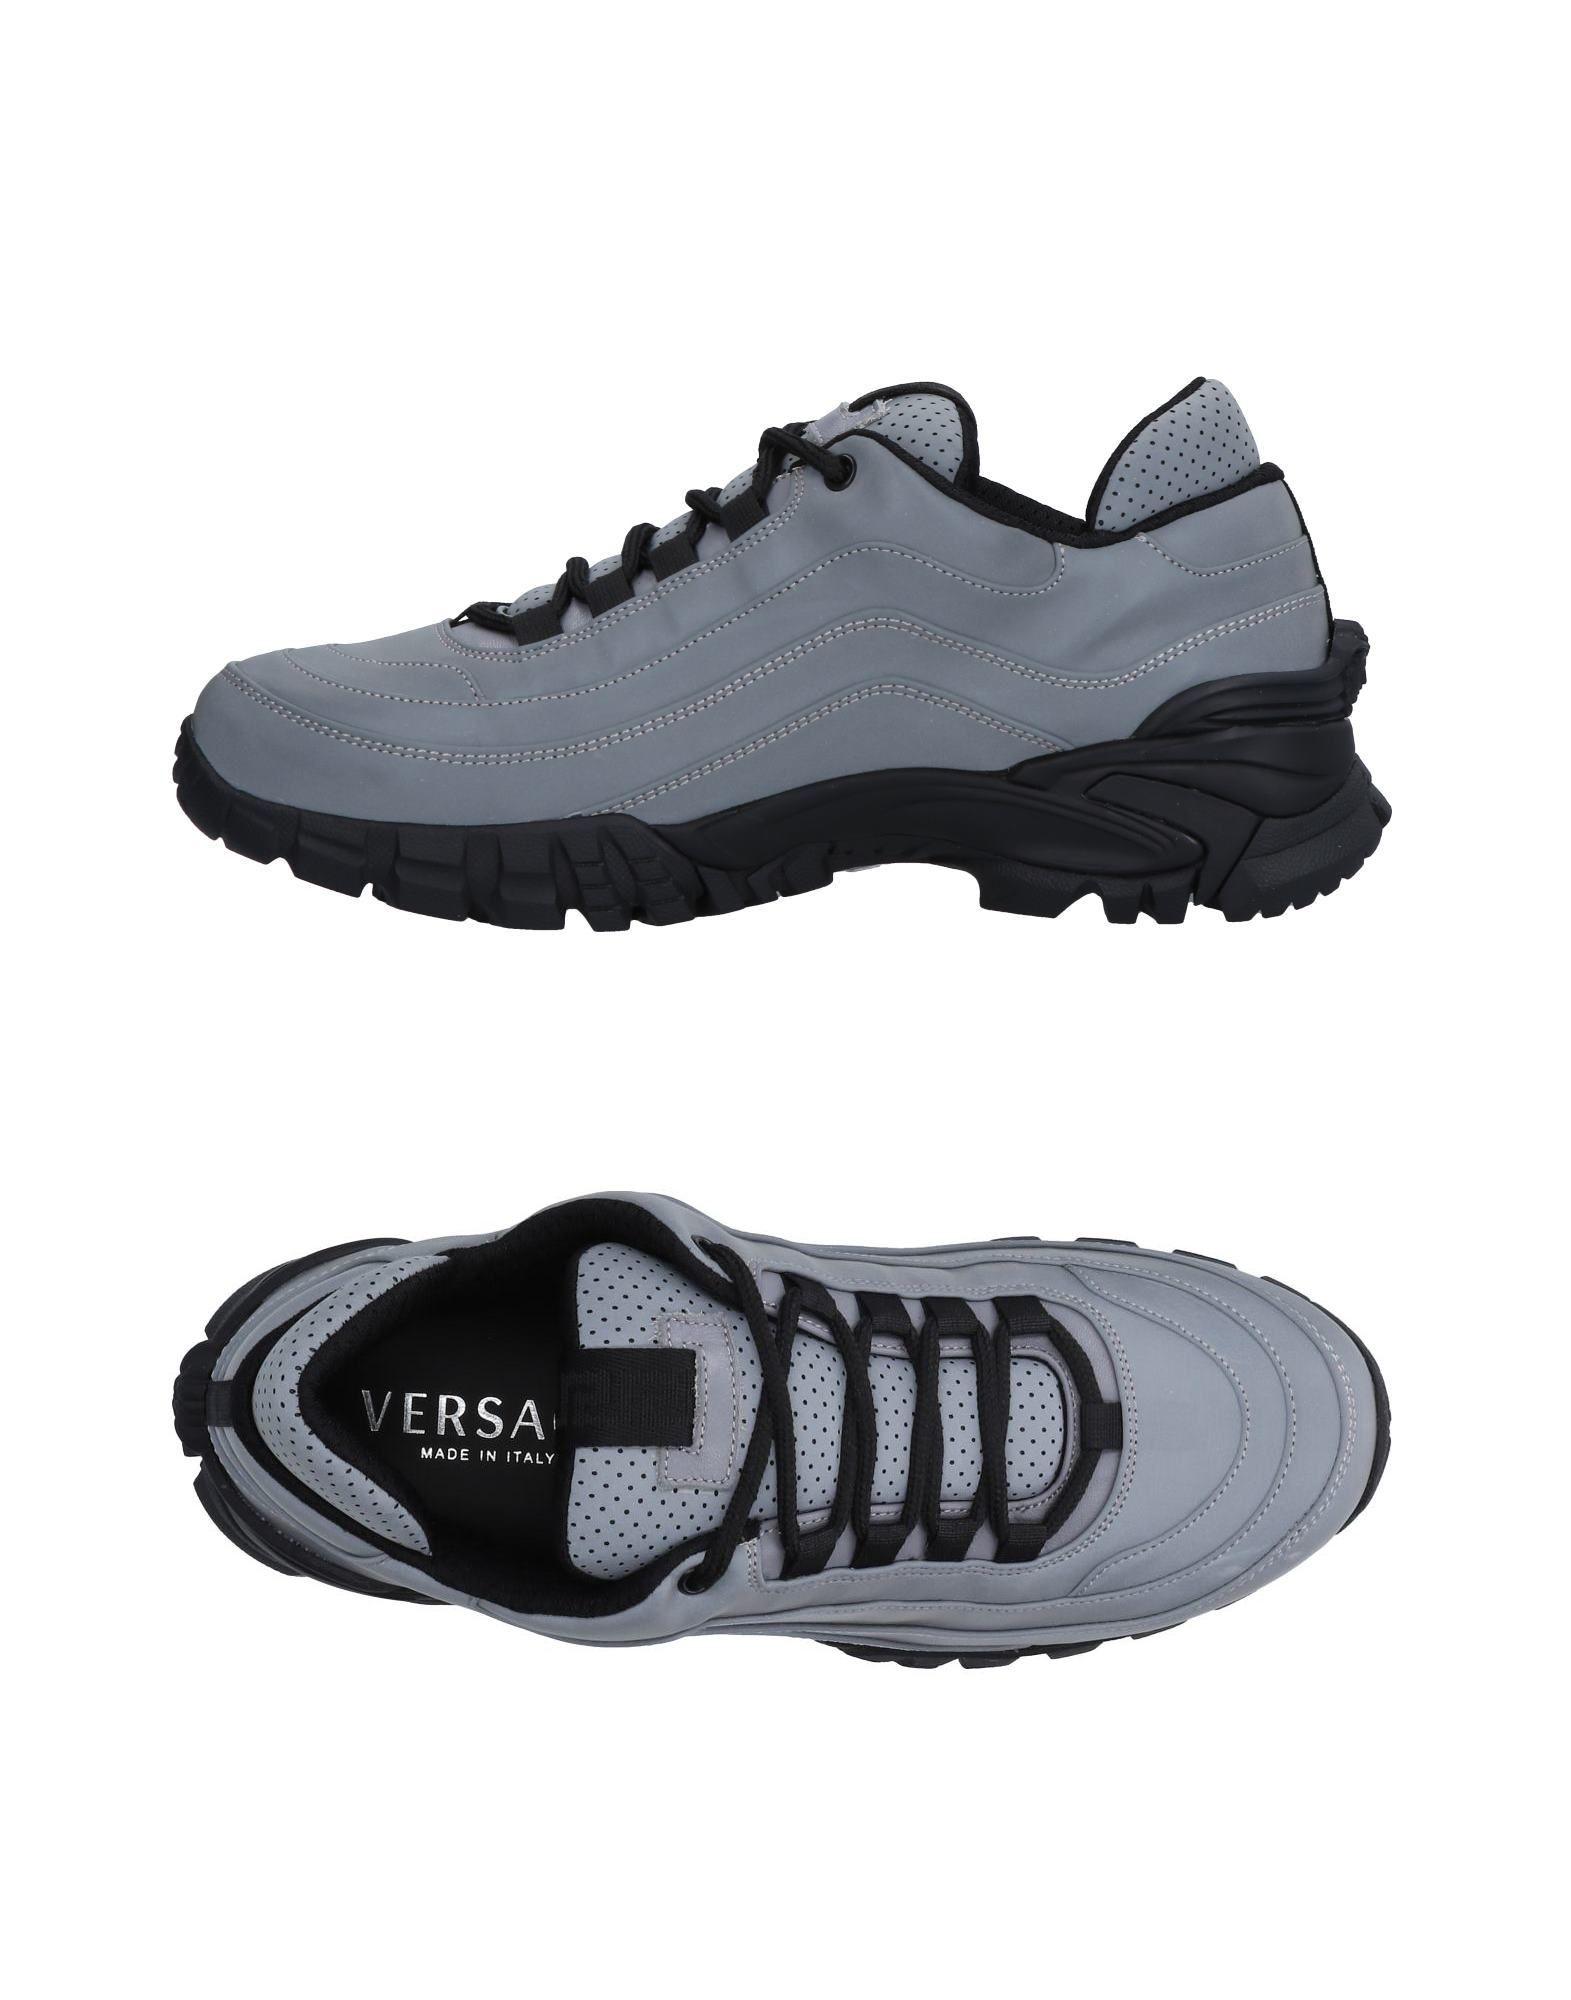 Versace Sneakers Herren  11505703VB Gute Qualität beliebte Schuhe